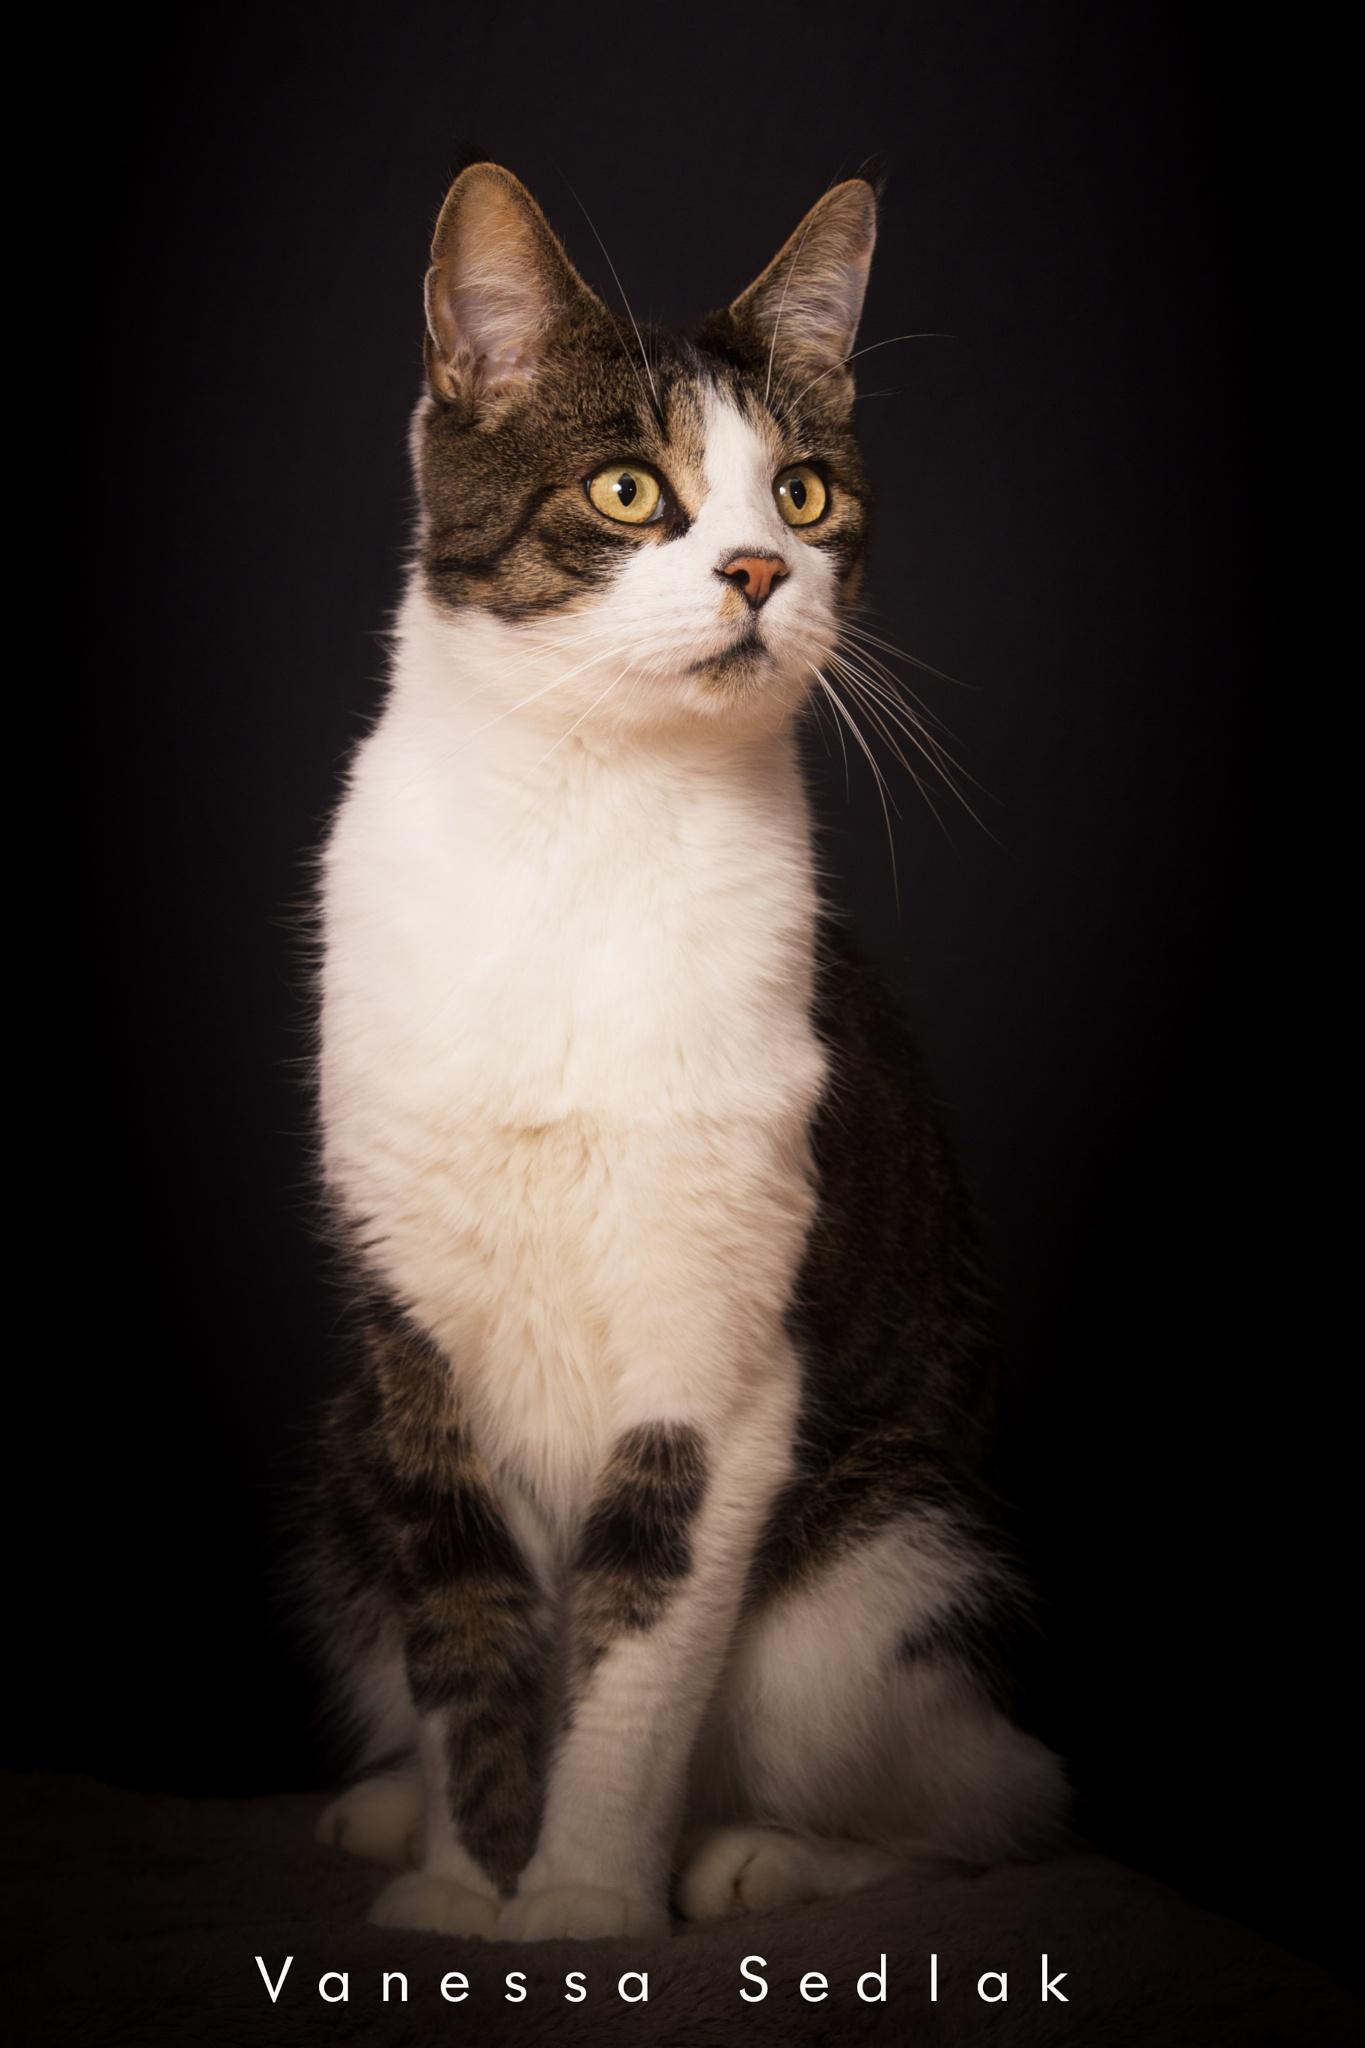 Cat by Vanessa Sedlak